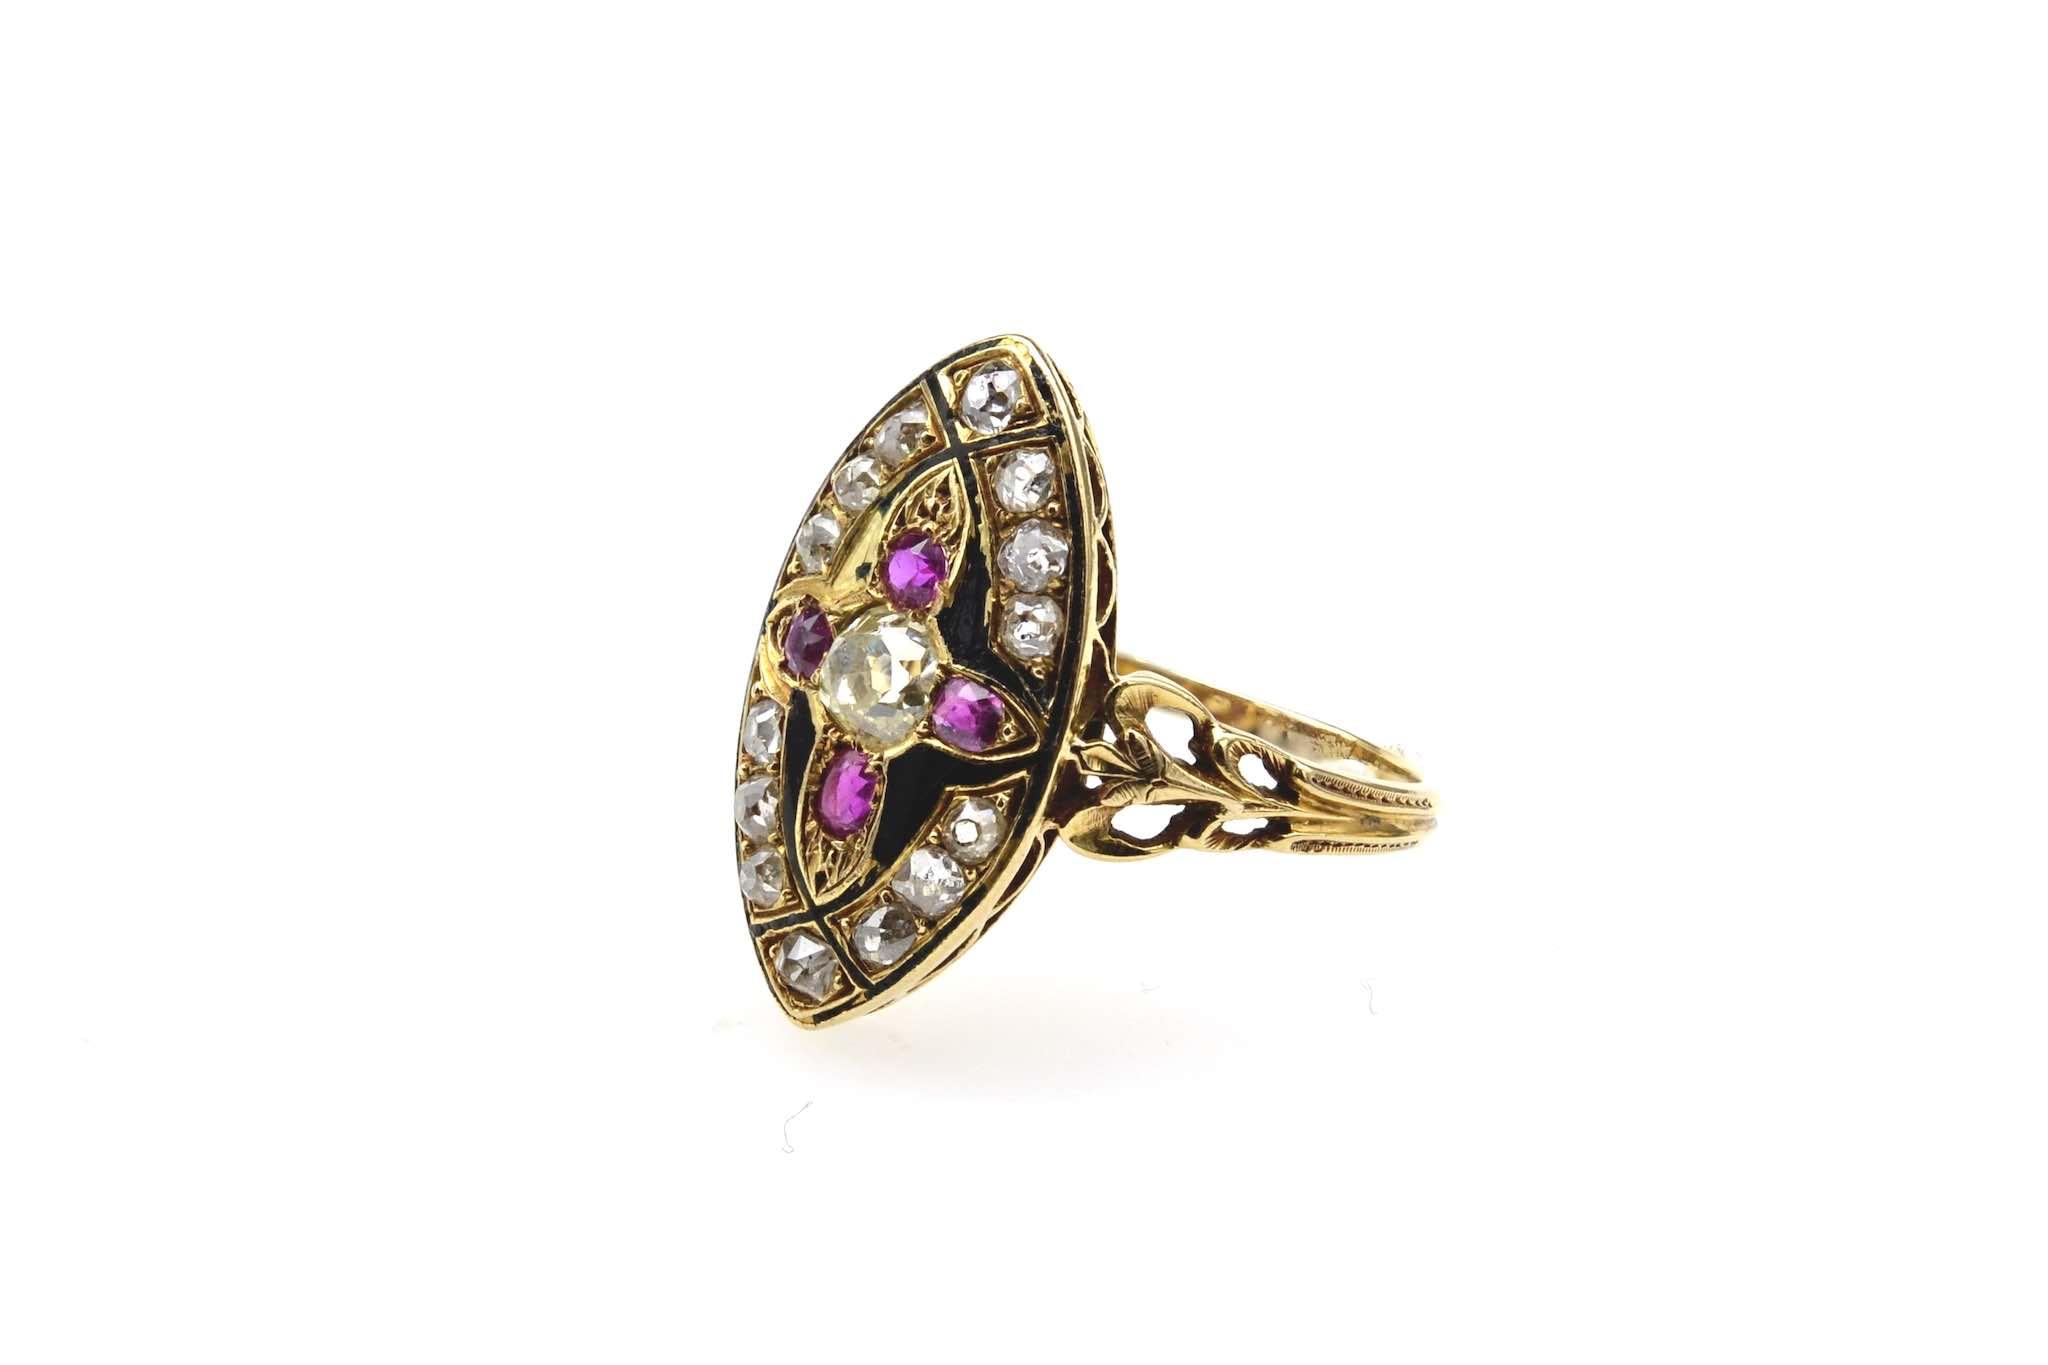 Bague ancienne 19e siècle diamants et rubis